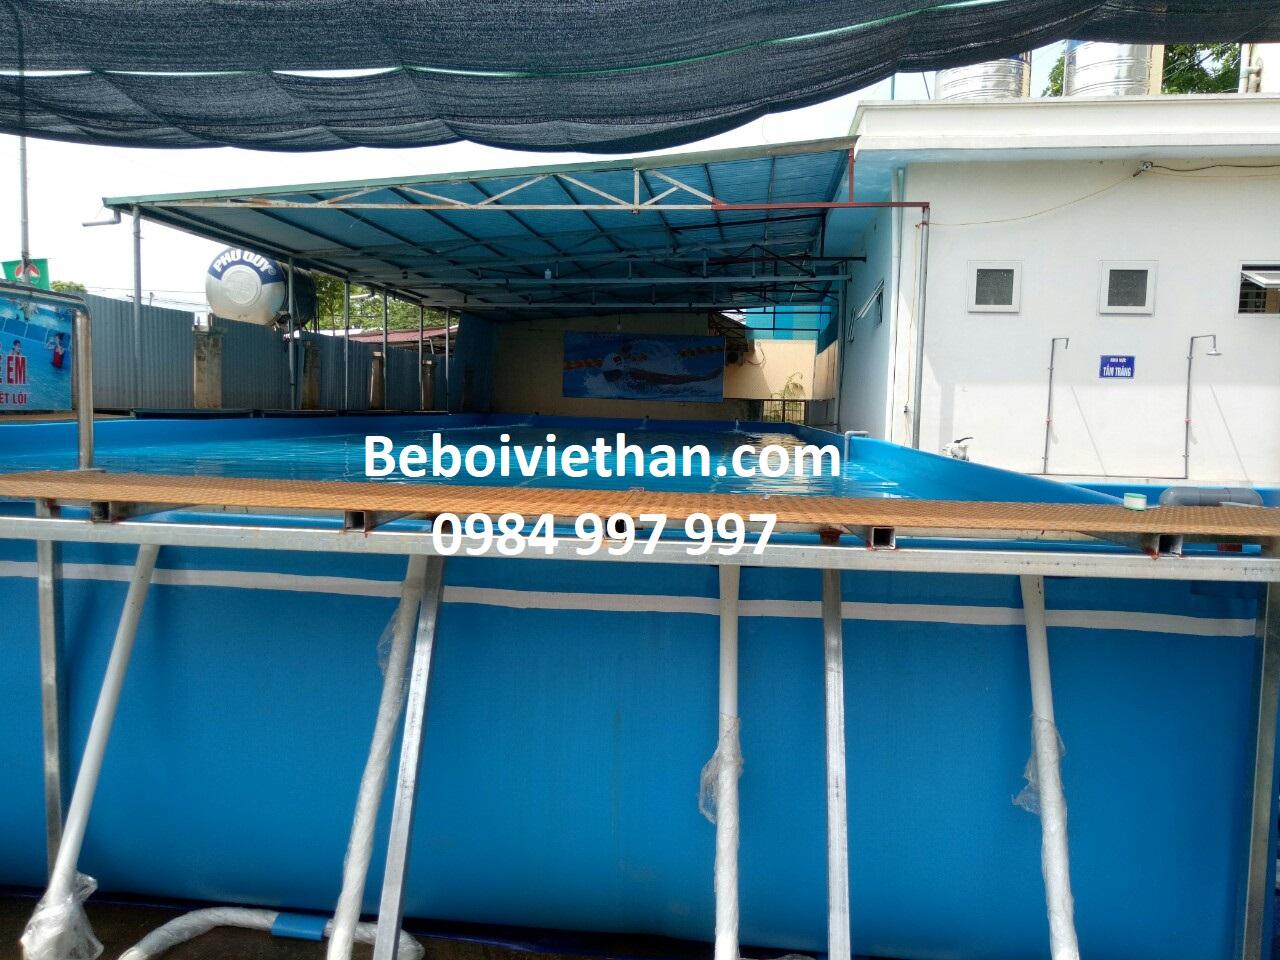 Bể bơi thông minh lắp ghép tại Bình Phước